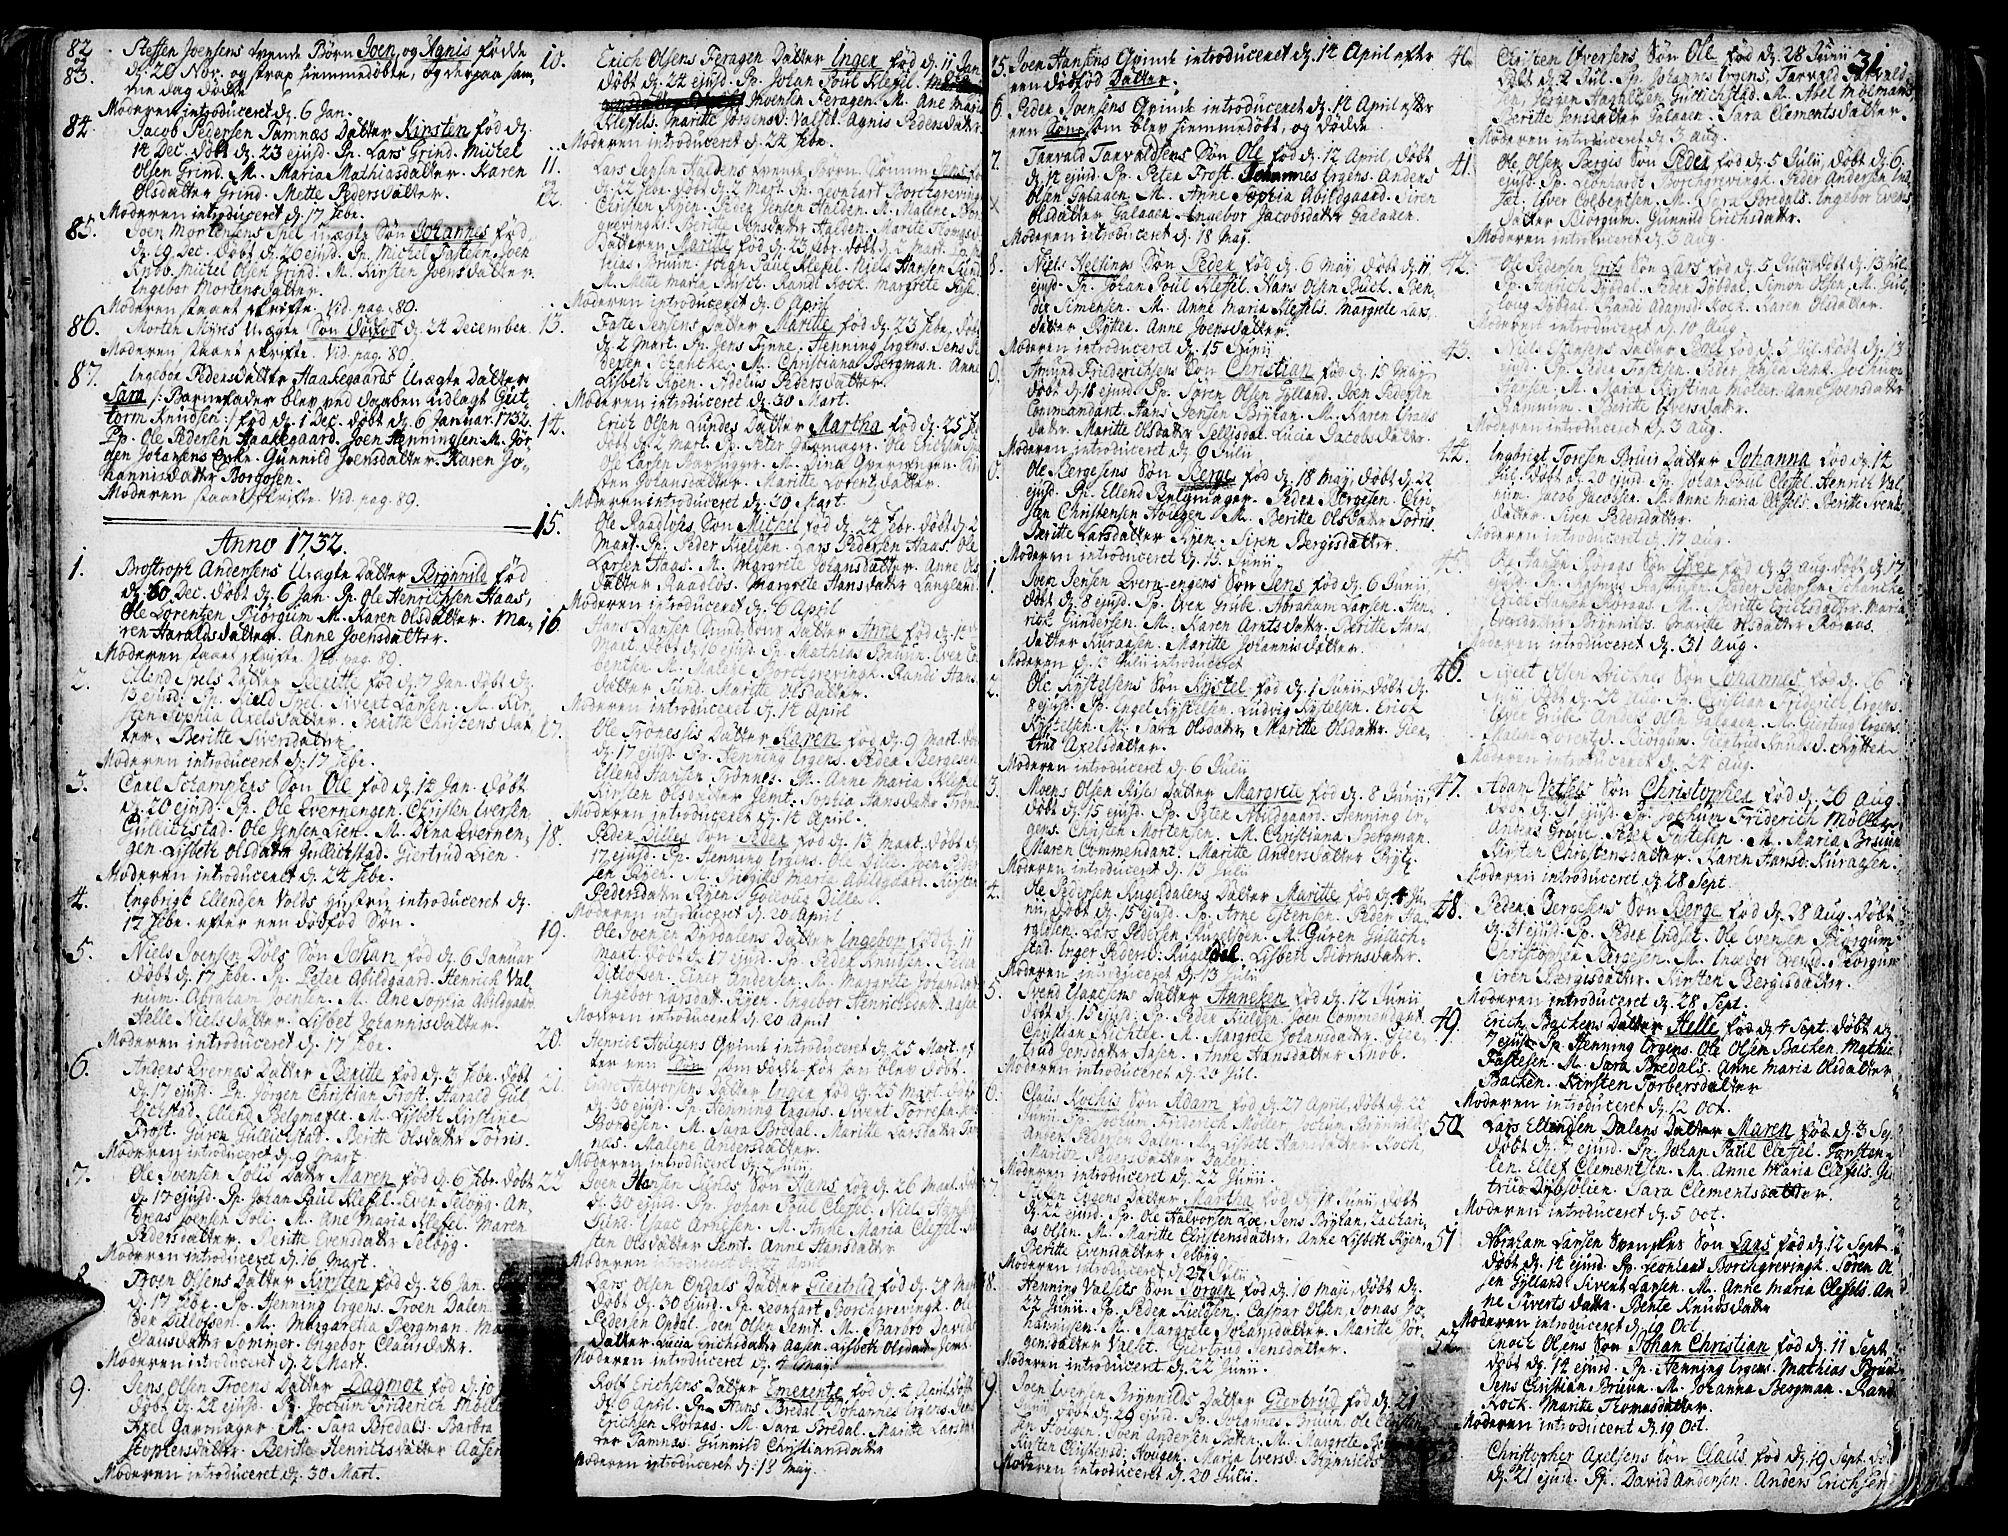 SAT, Ministerialprotokoller, klokkerbøker og fødselsregistre - Sør-Trøndelag, 681/L0925: Ministerialbok nr. 681A03, 1727-1766, s. 31